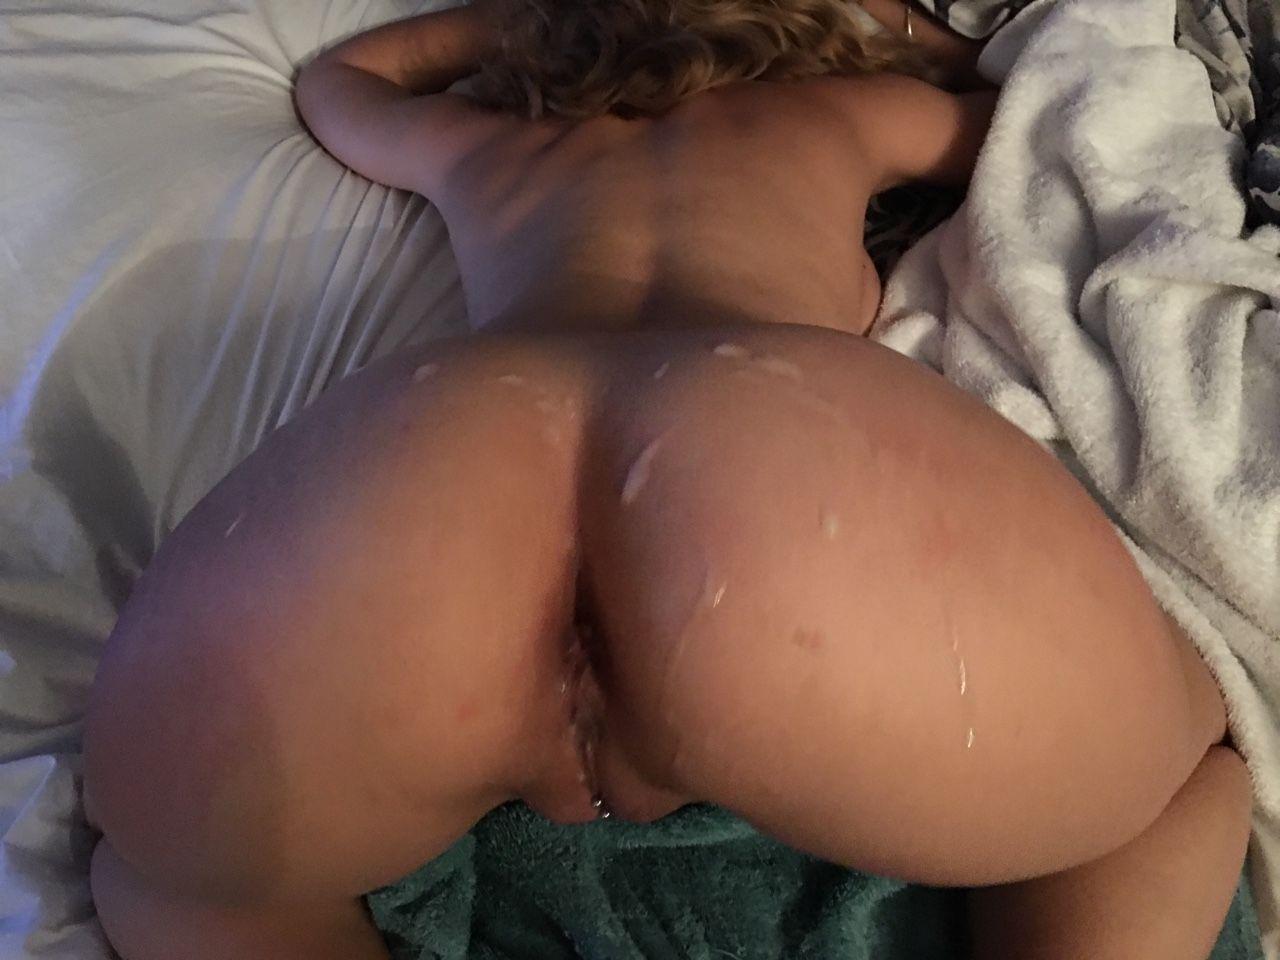 Упругая попка в конче, подборка камшотов в попу - лучшее порно видео на 1 фотография